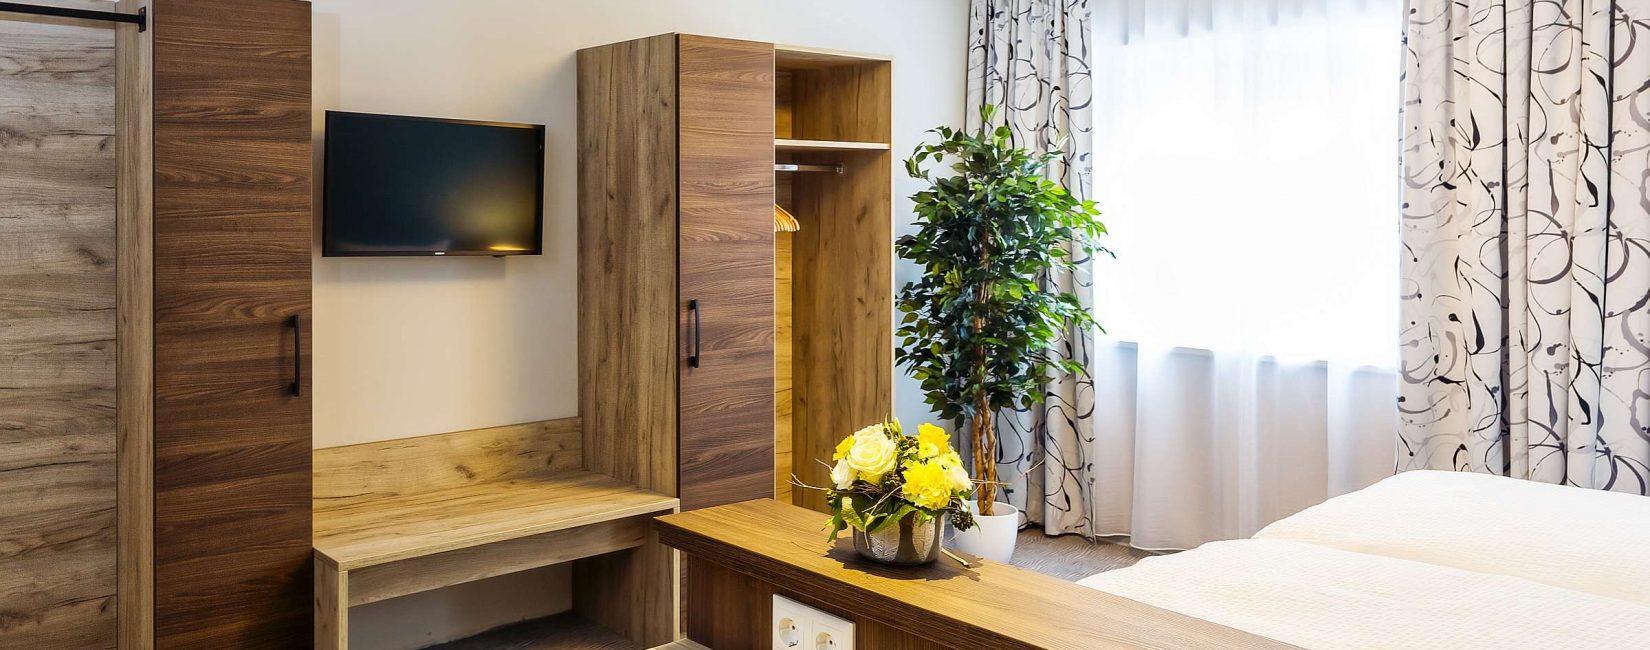 Geräumig ausgestattete Appartements